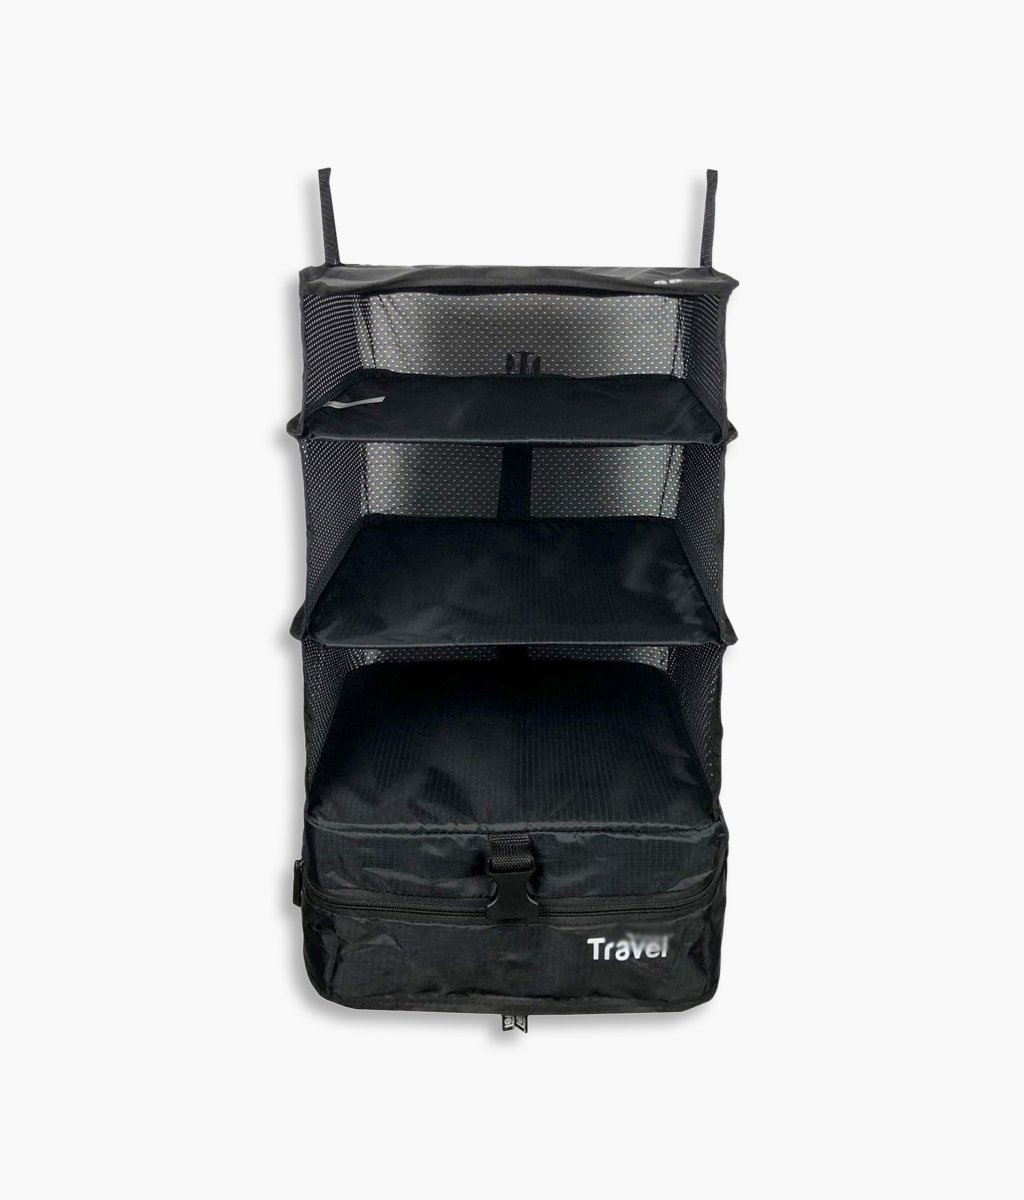 Luggage System Suitcase Organizer